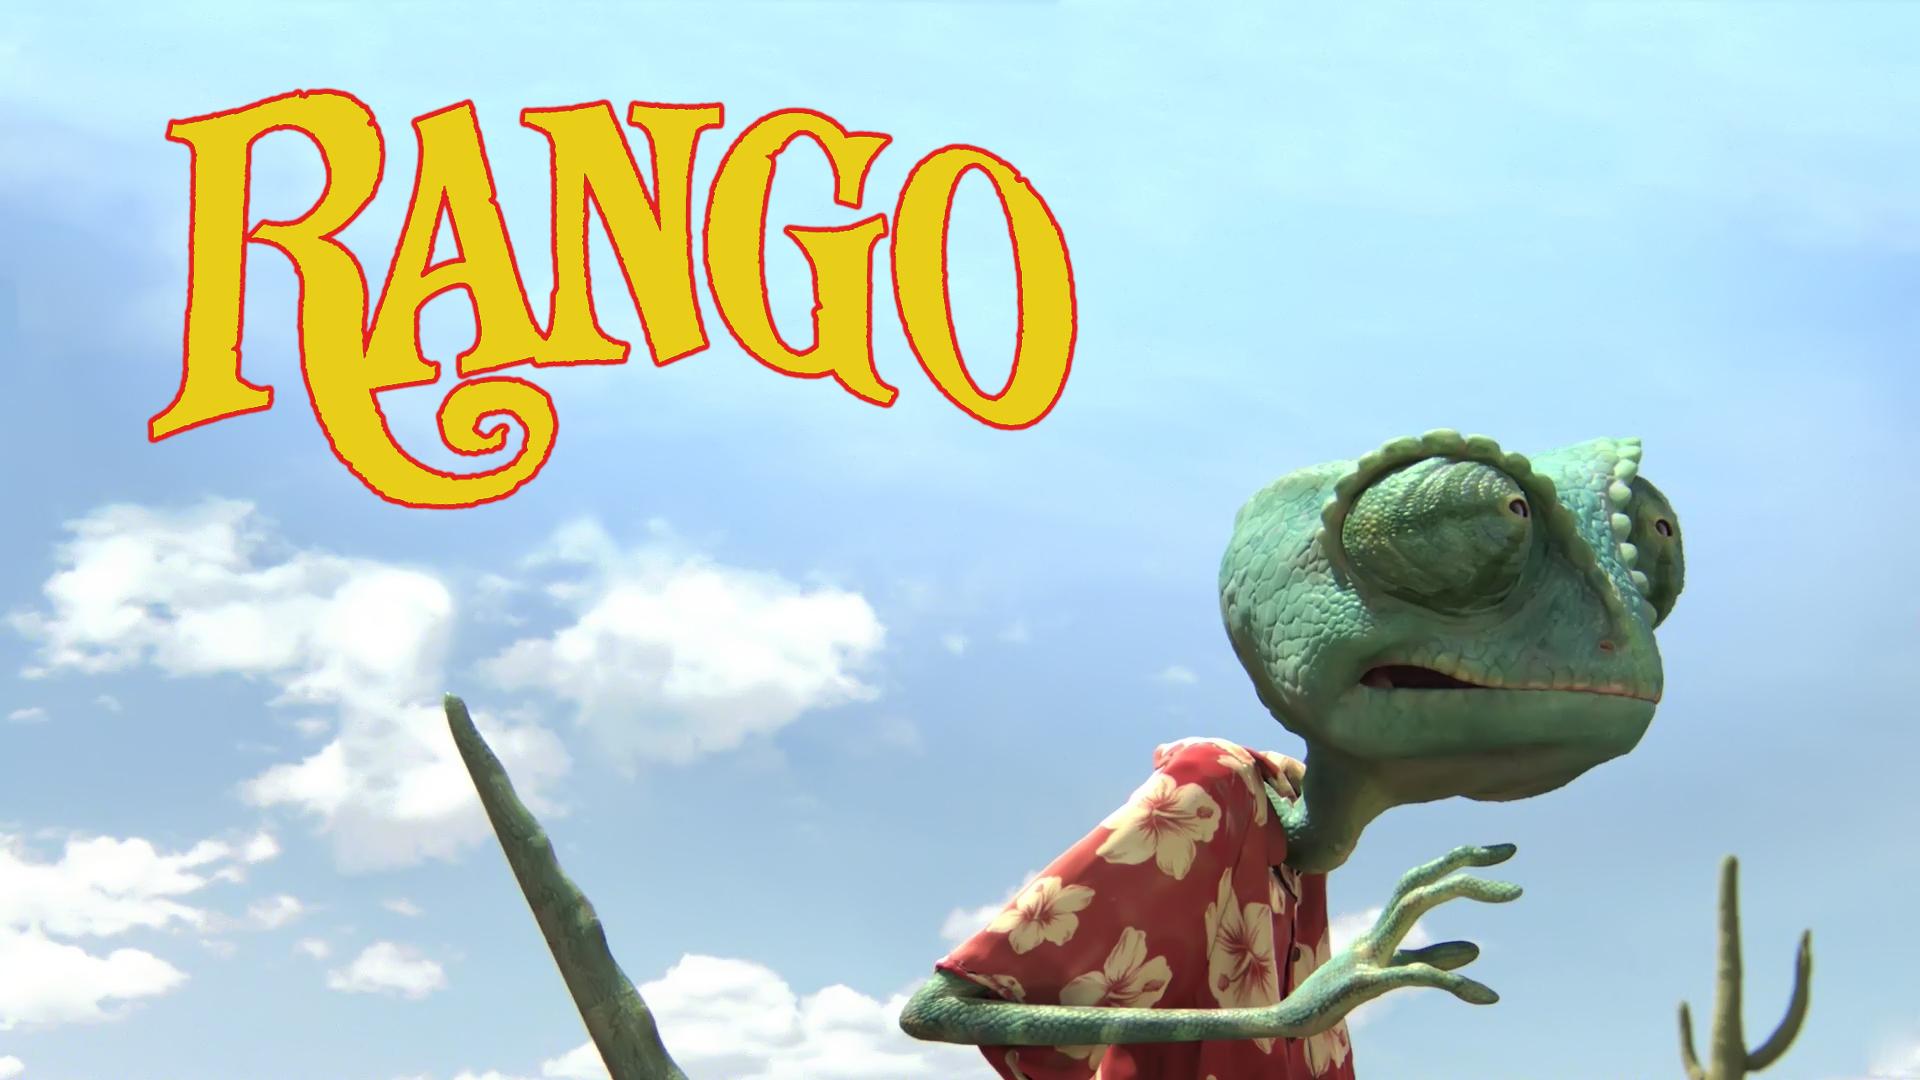 ранго смотреть онлайн в хорошем качестве фильм онлайн: